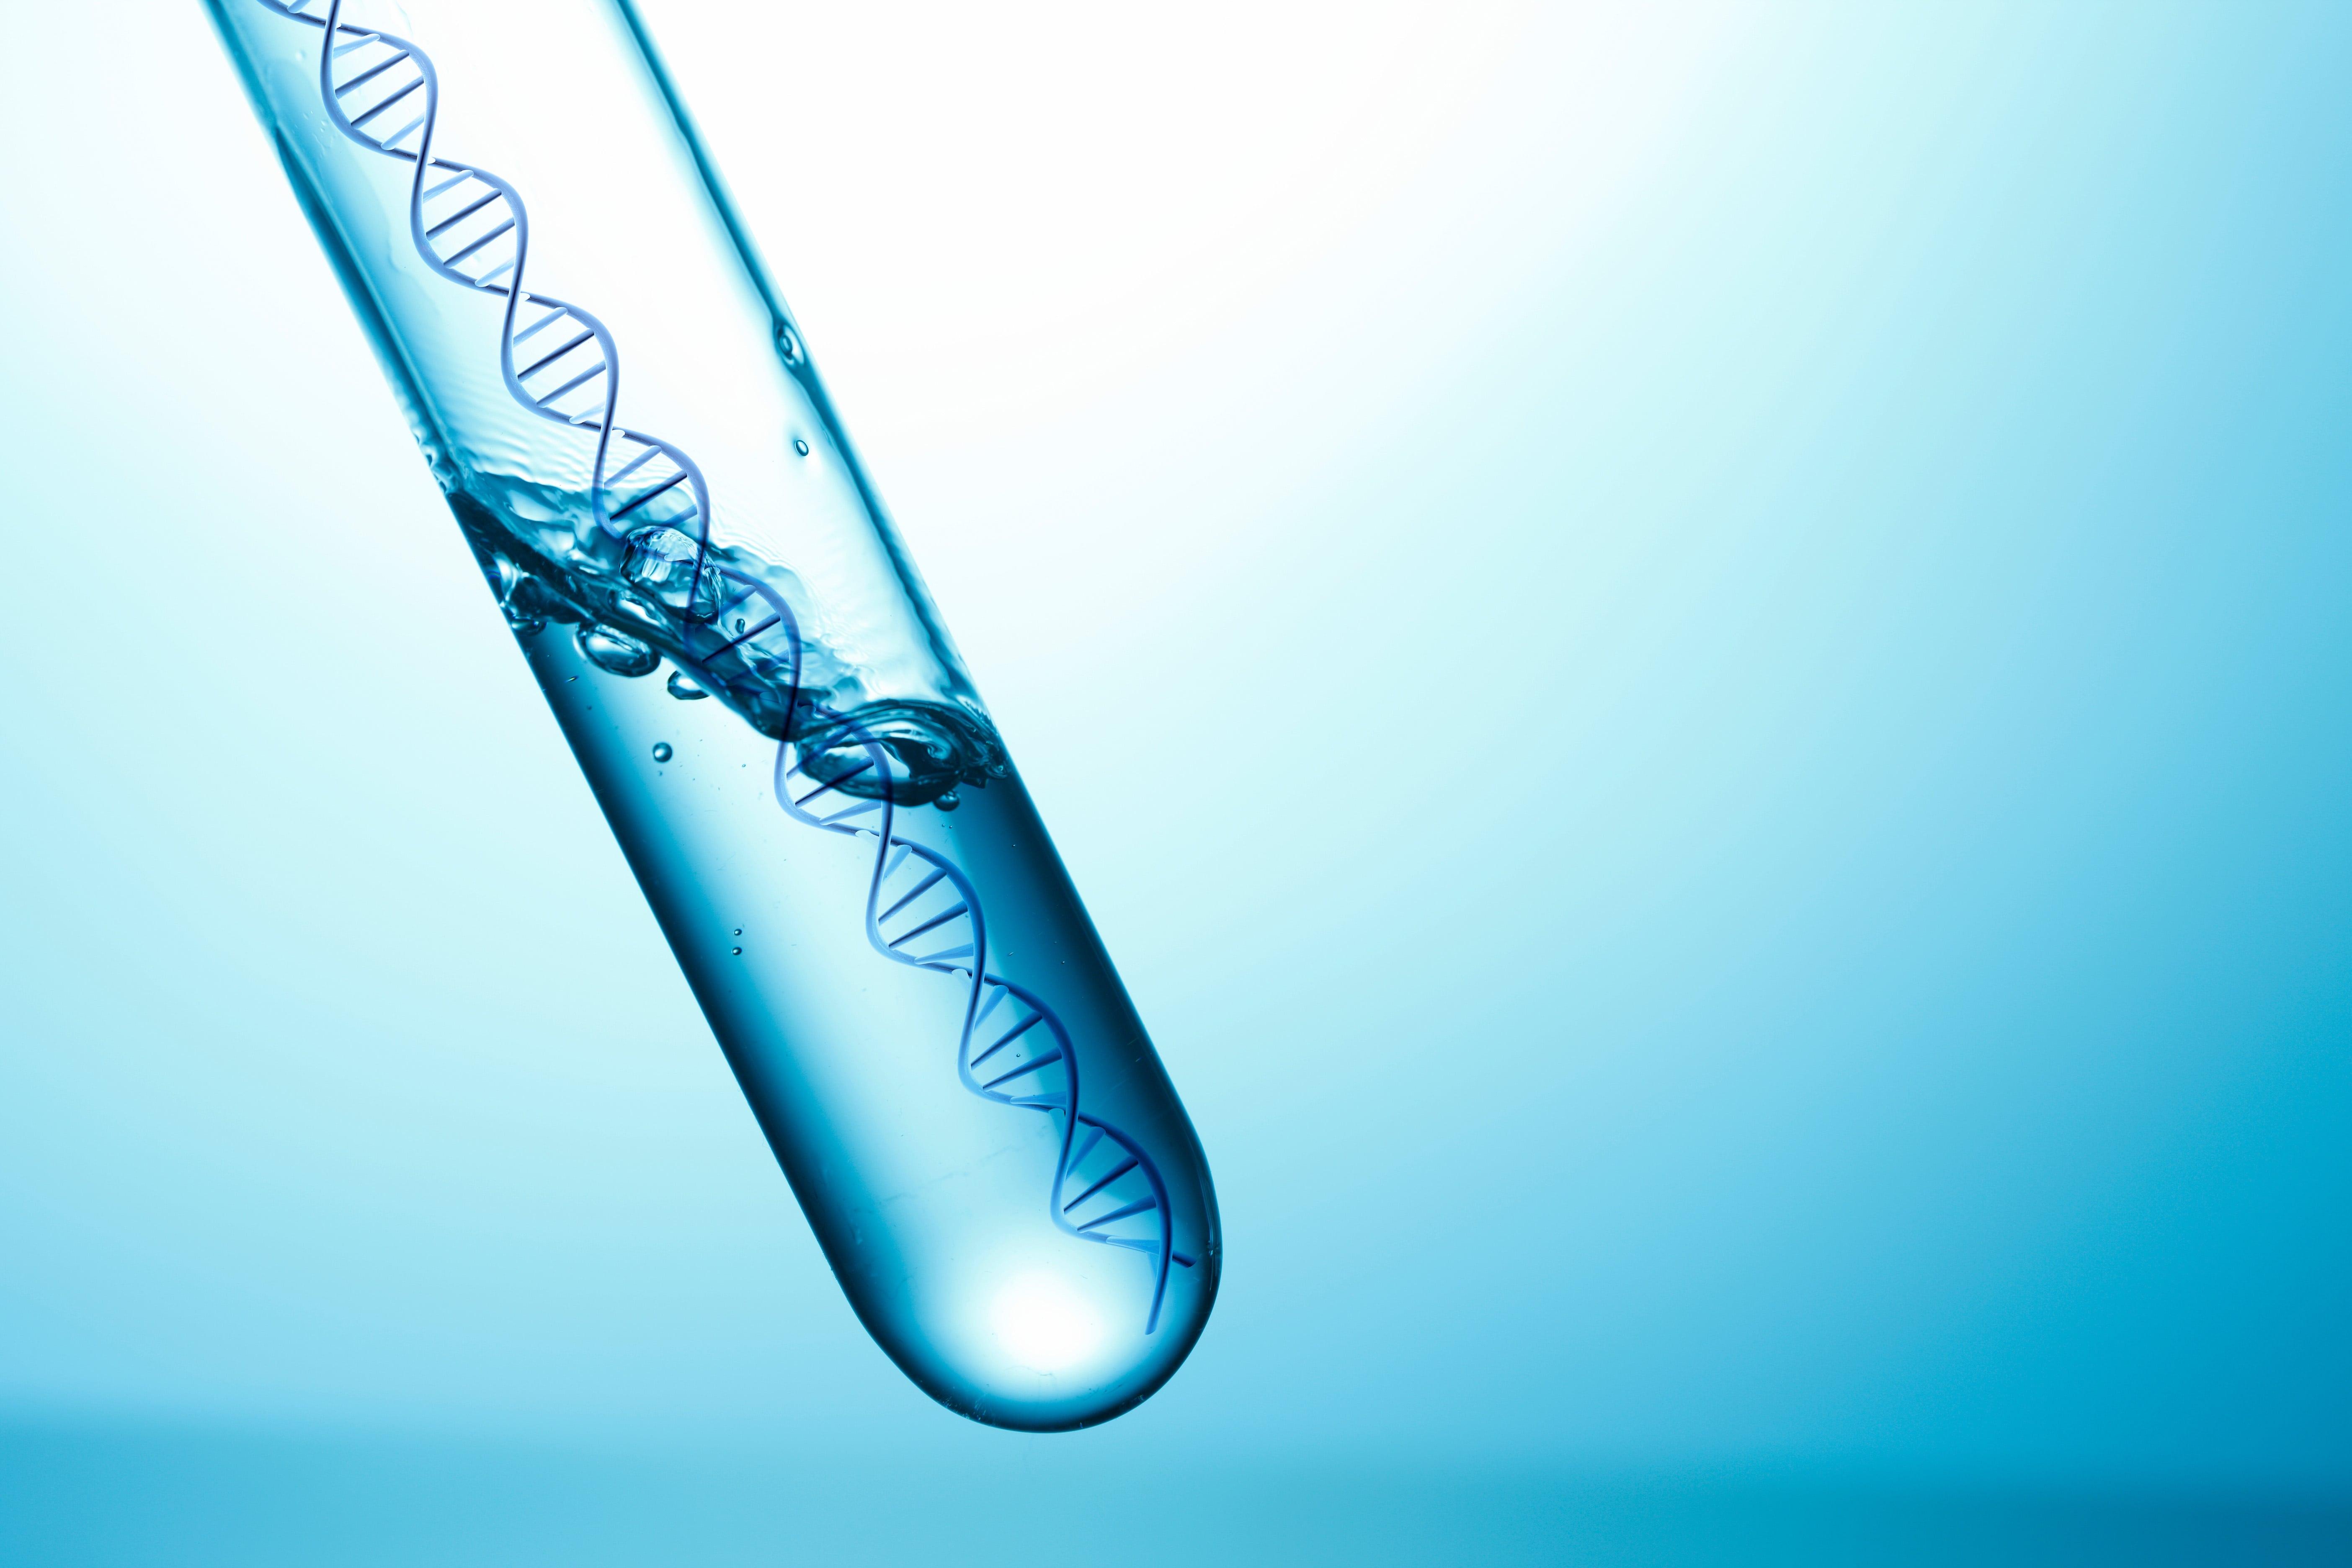 試験管の中の遺伝子